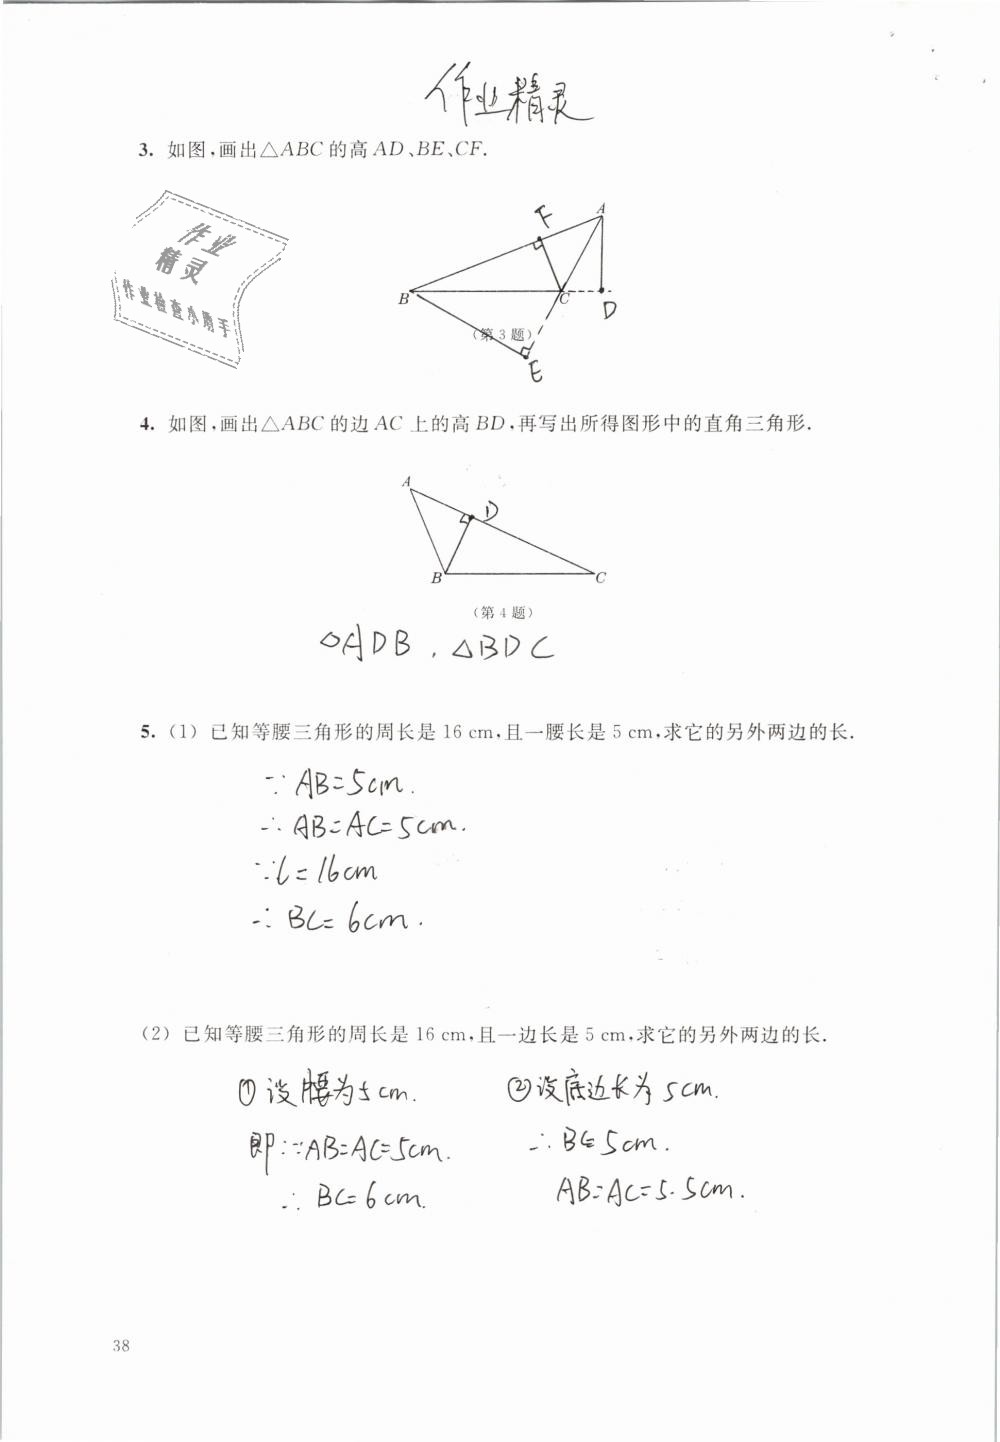 2019年数学练习部分七年级第二学期第38页